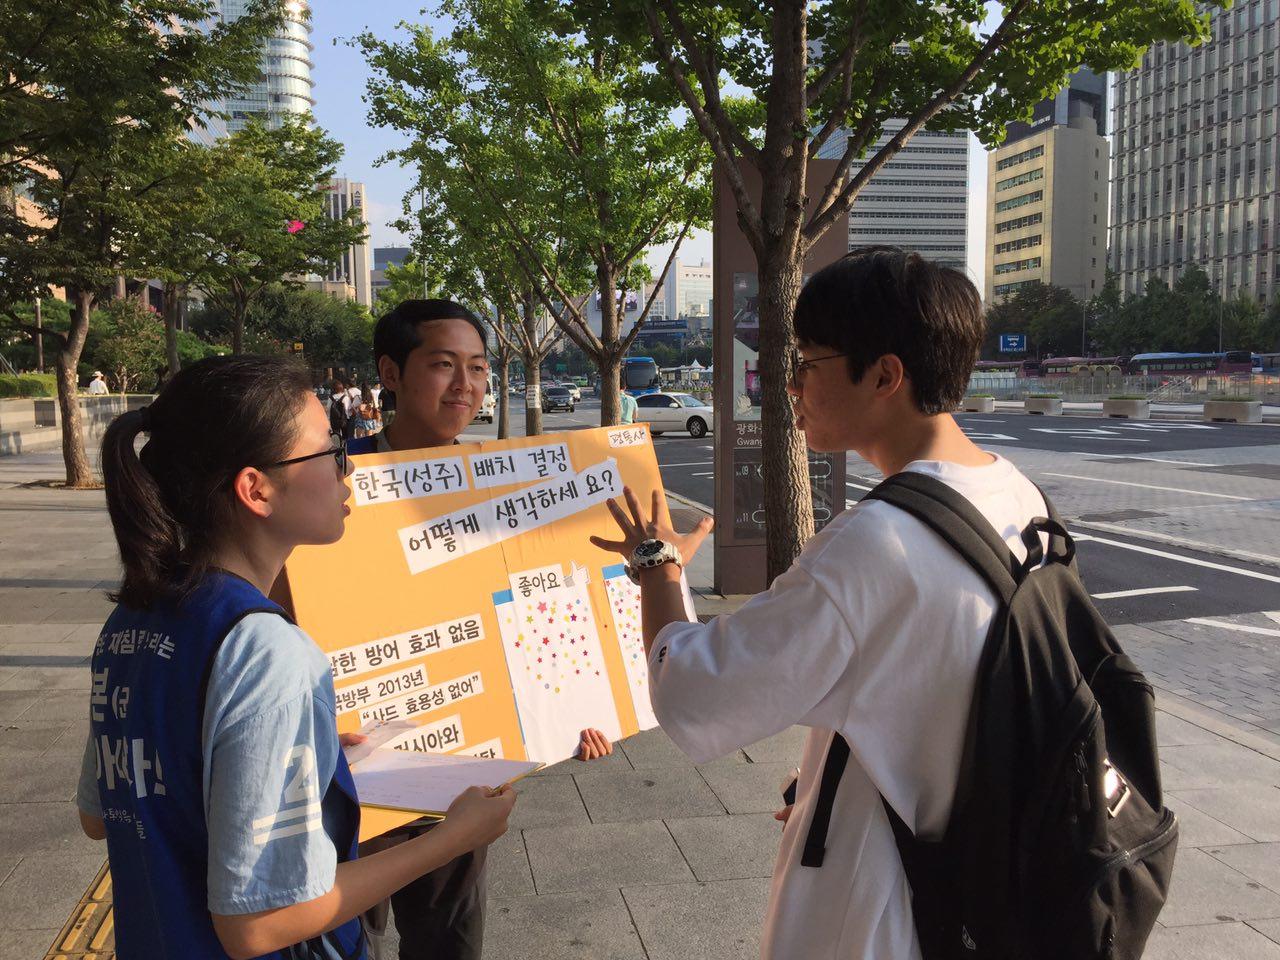 '사드배치 어떻게 생각하세요'  시민 설문 - 광화문 미대사관 앞 '사드배치 어떻게 생각하세요' 시민 설문 - 광화문 미대사관 앞 시민들과 사드배치의 효용성에 대해 이야기를 나눴다.